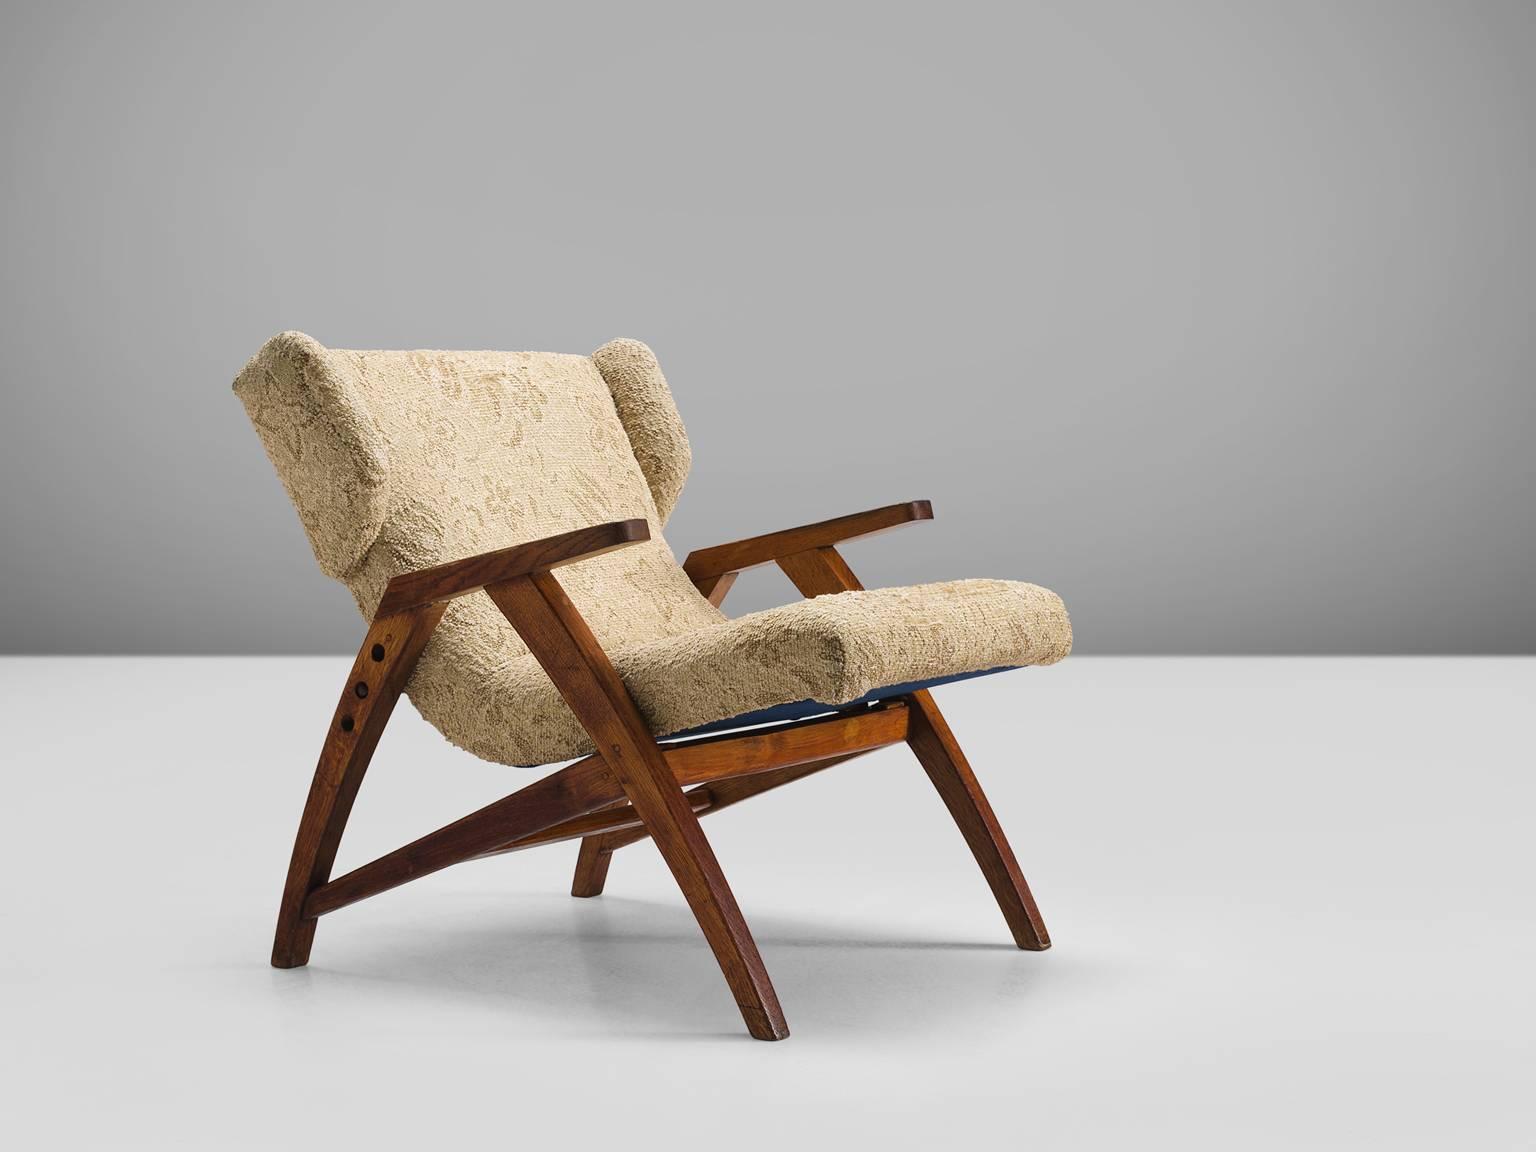 Easy Chair, Wood, Beige Brown Fabric, Oak, Czech Republic, 1940s.